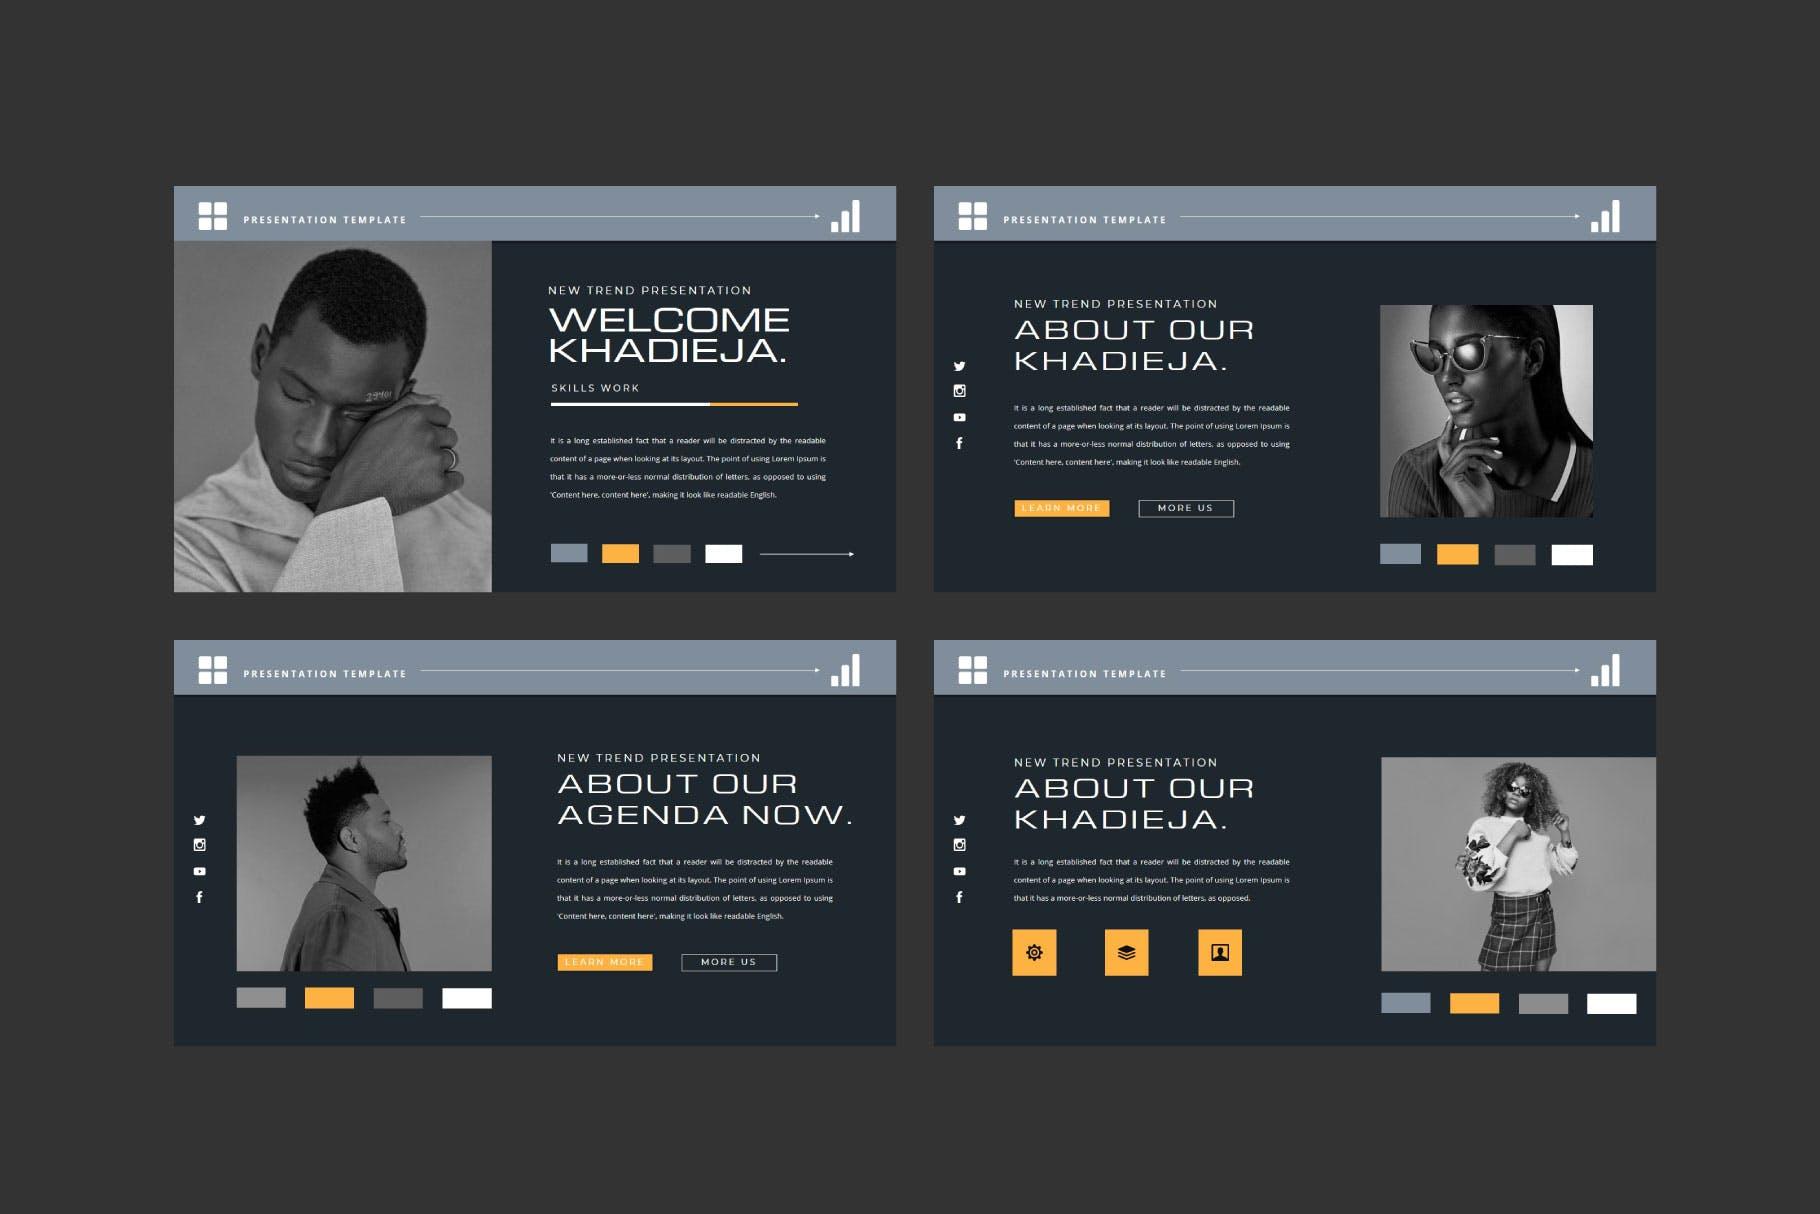 潮流品牌策划提案简报作品集设计演示文稿模板 KHADIEJA Powerpoint Template插图1